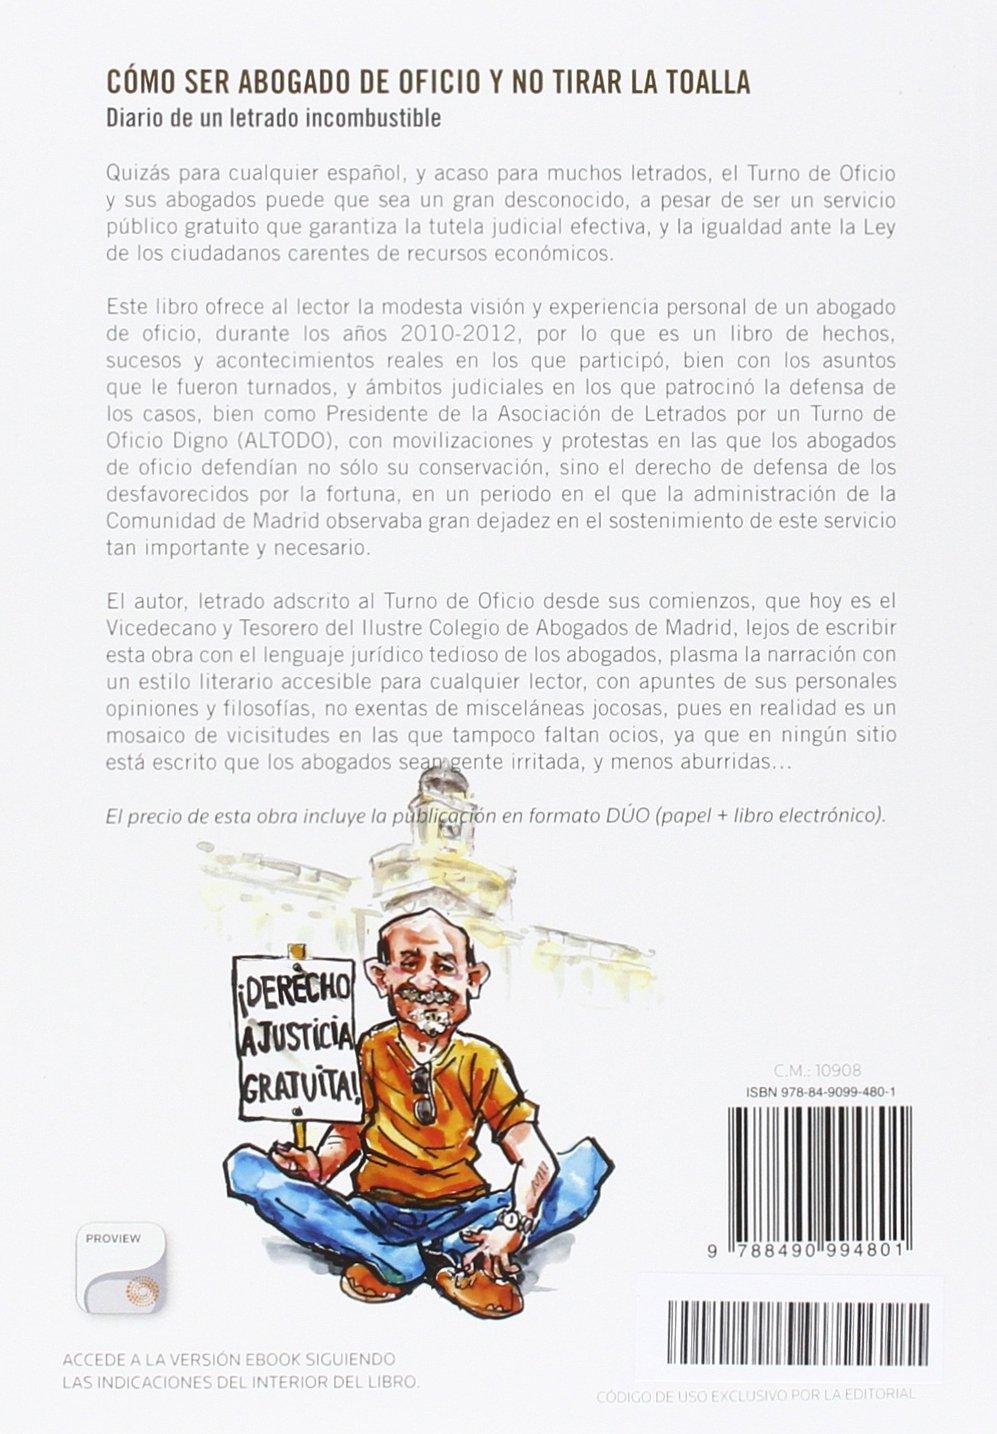 COMO SER ABOGADO DE OFICIO Y NO TIRAR LA TOALLA (P+EB): Manuel Valero Yánez: 9788490994801: Amazon.com: Books